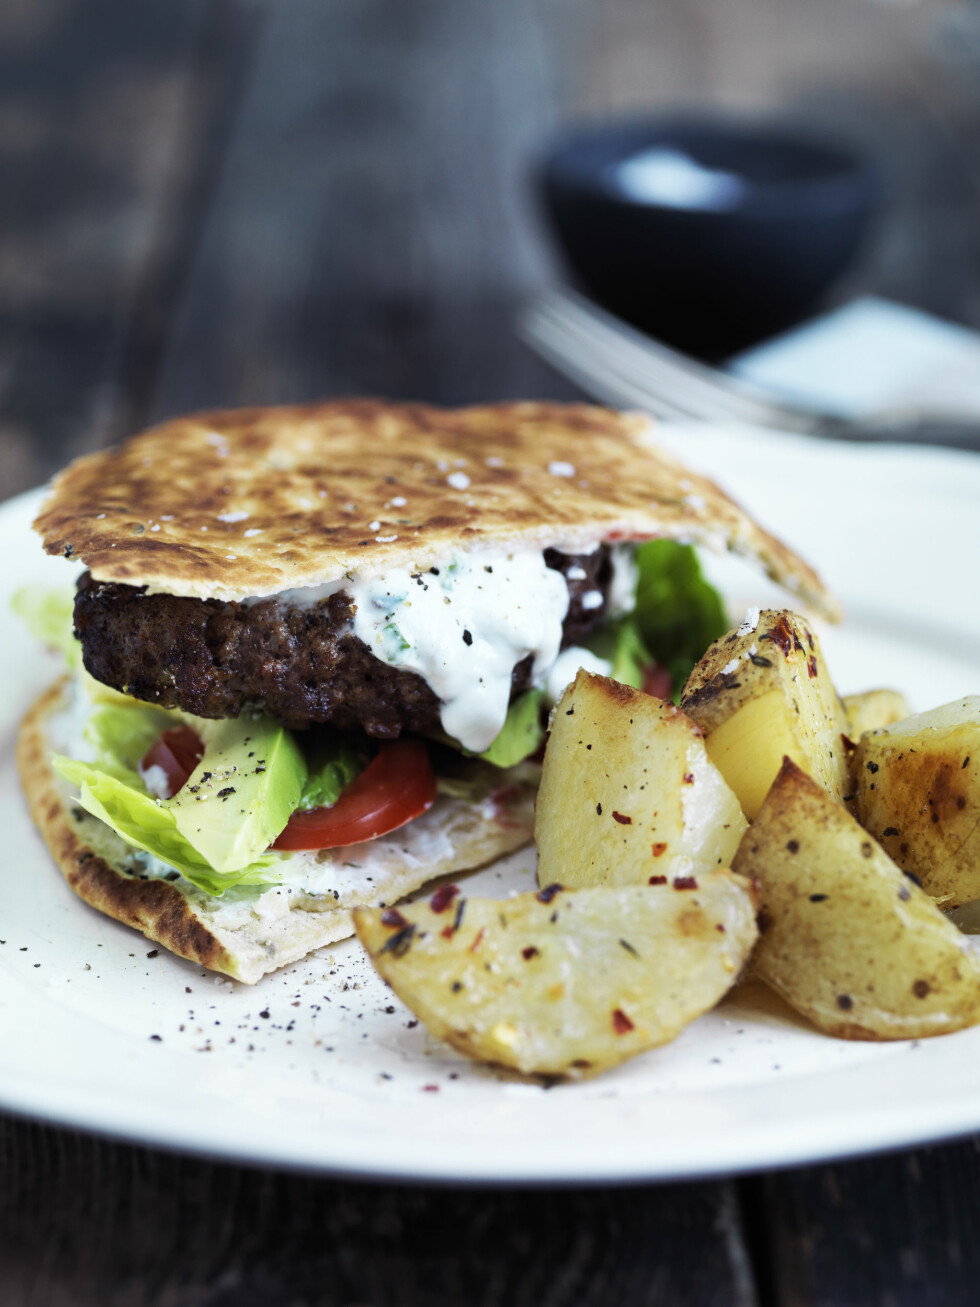 KRYDRET FAVORITT: Familiefavoritt! Herlig burger med litt krydderspiss på. Foto: All Over Press Foto: All Over Press